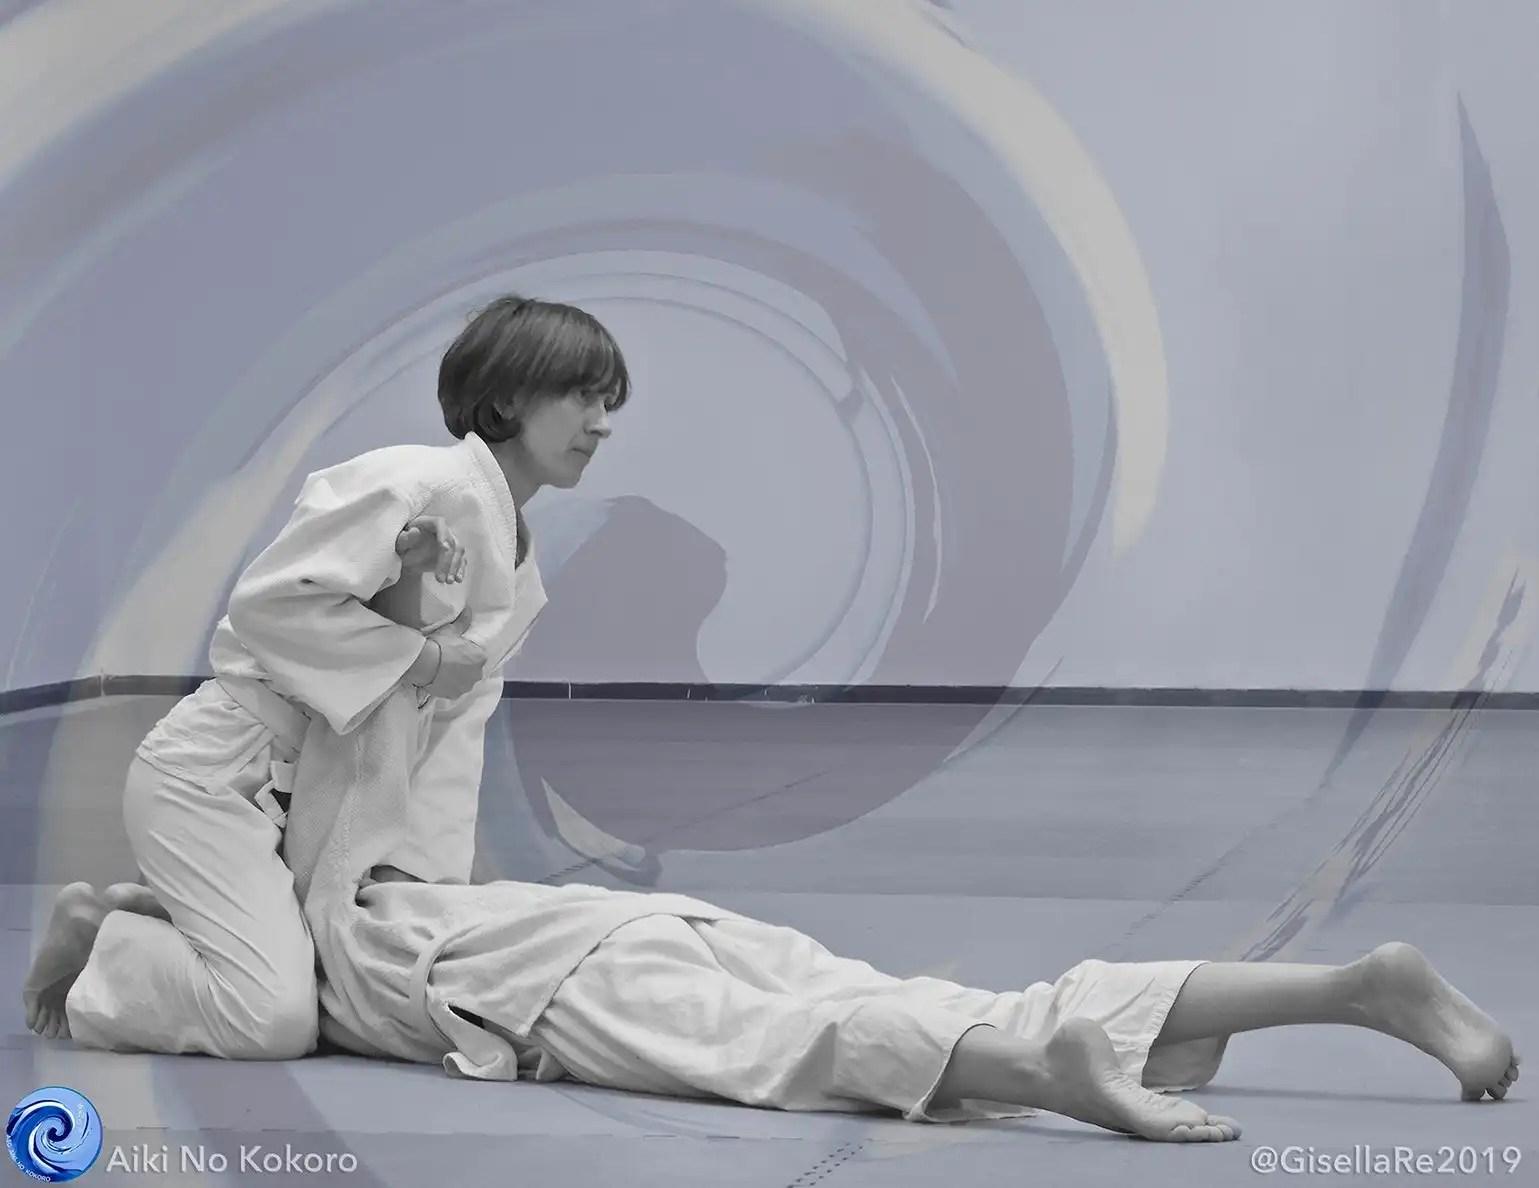 Aiki No Kokoro Boves, Scuola di AIkido Cuneo, Aikido Test